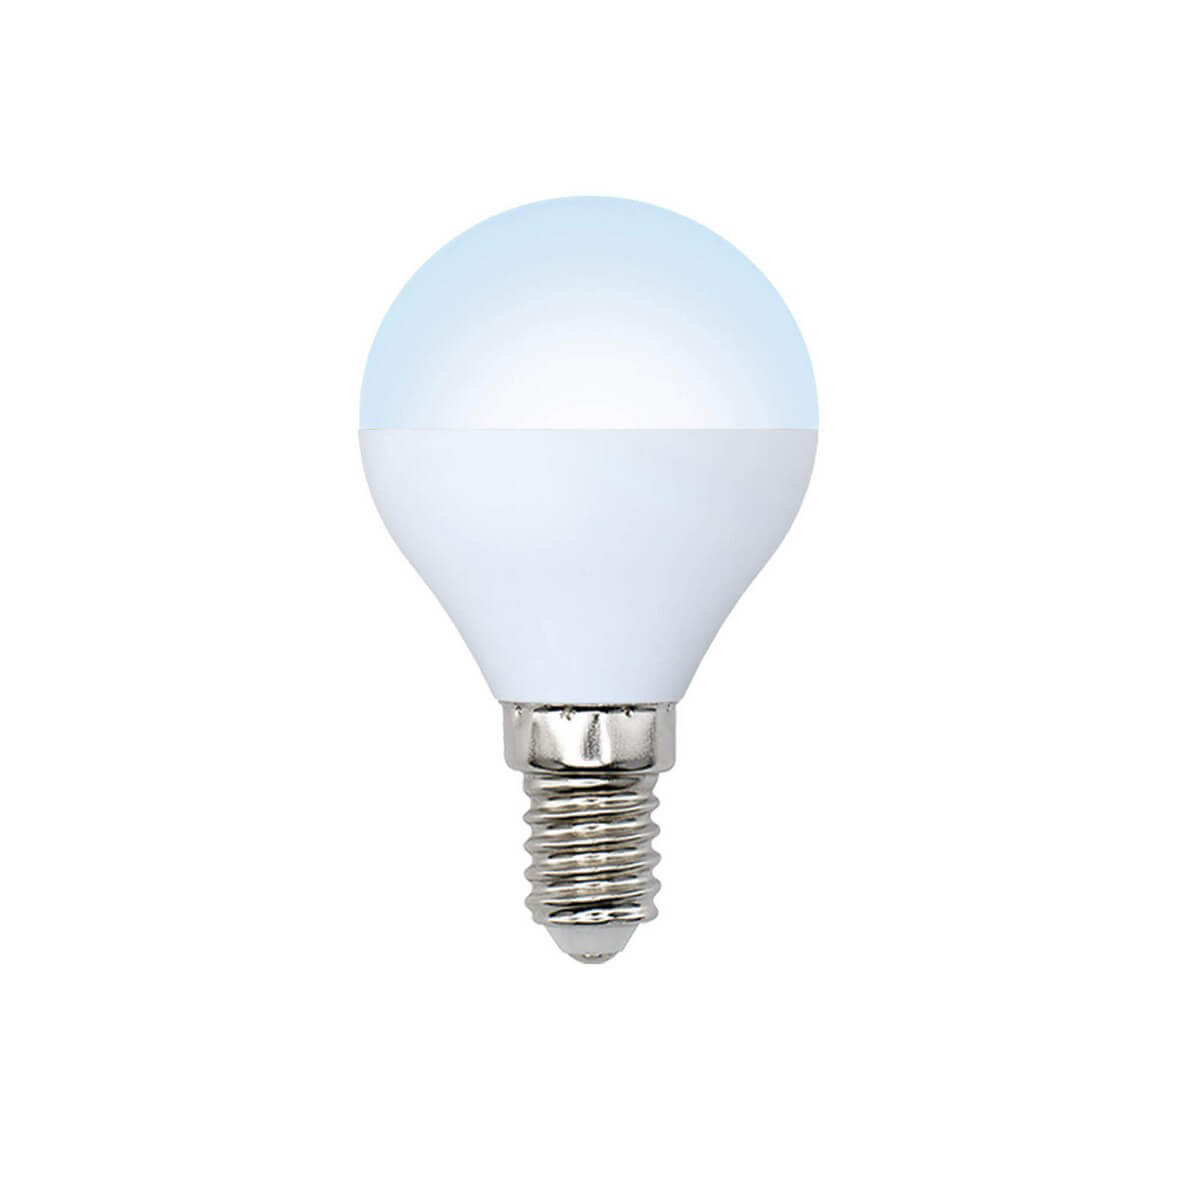 Лампа светодиодная (10215) E14 6W 4500K матовая LED-G45-6W/NW/E14/FR/O цена